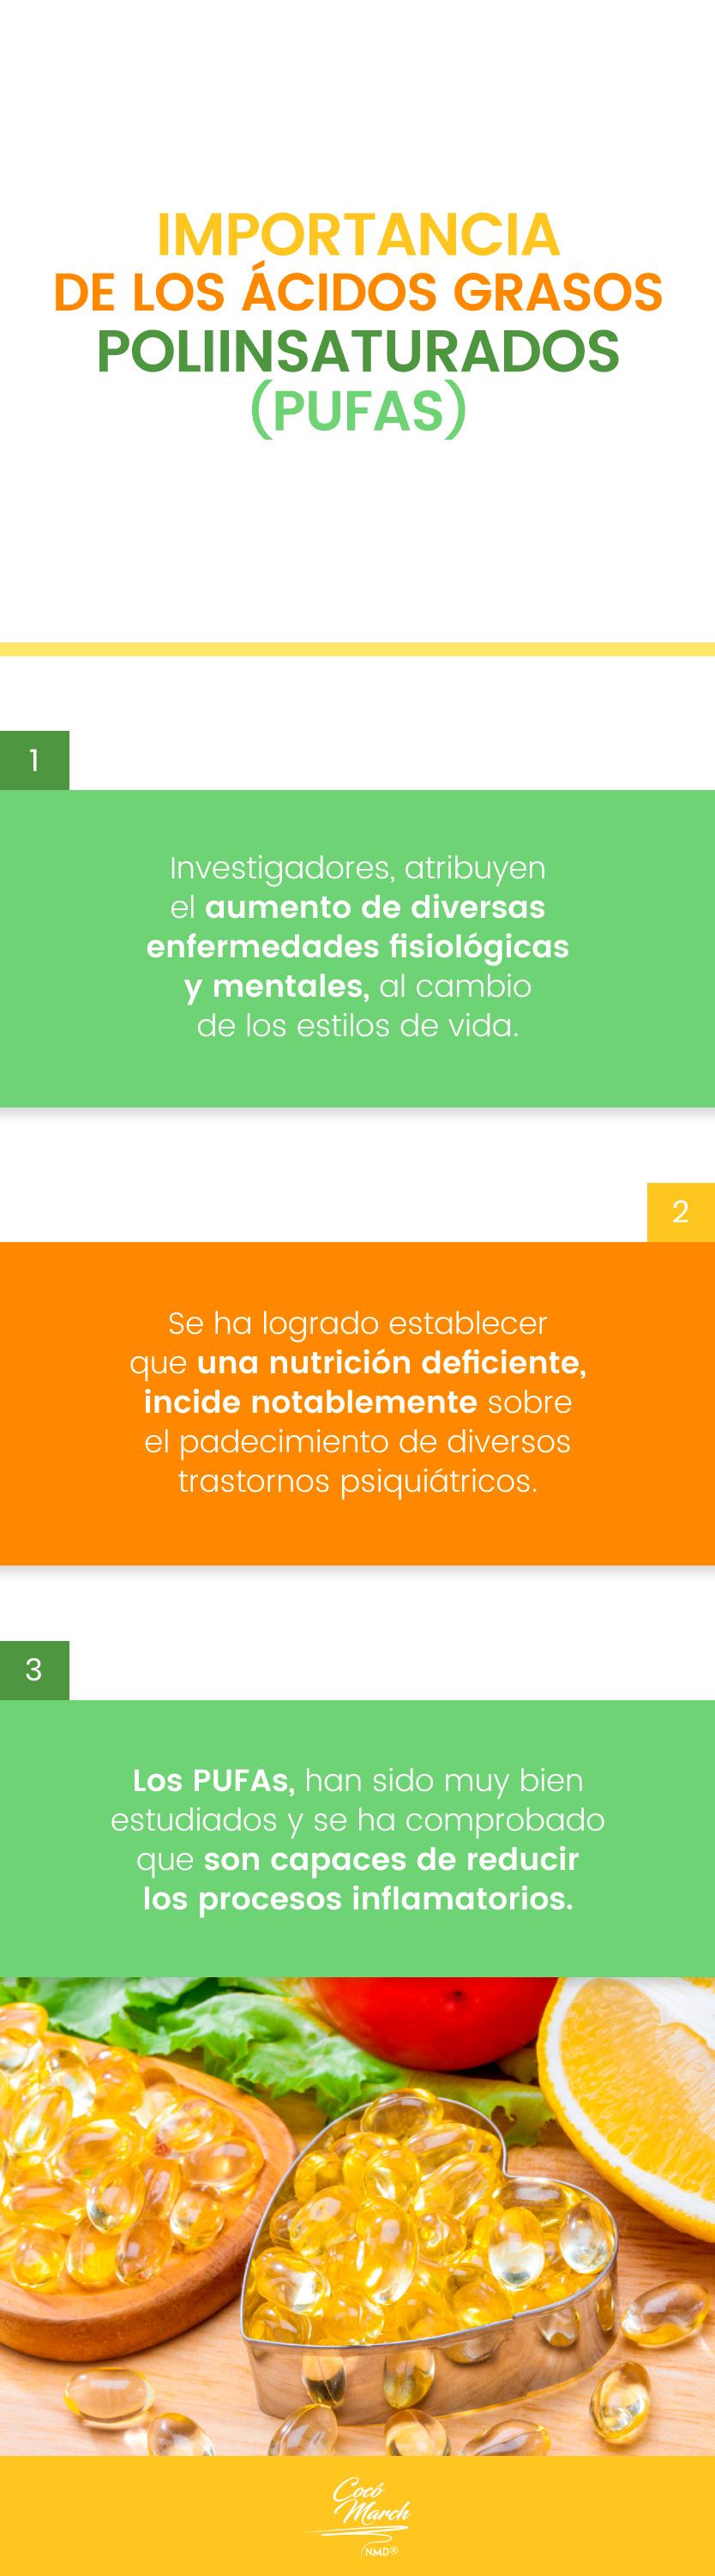 importancia-de-los-acidos-grasos-poliinsaturados